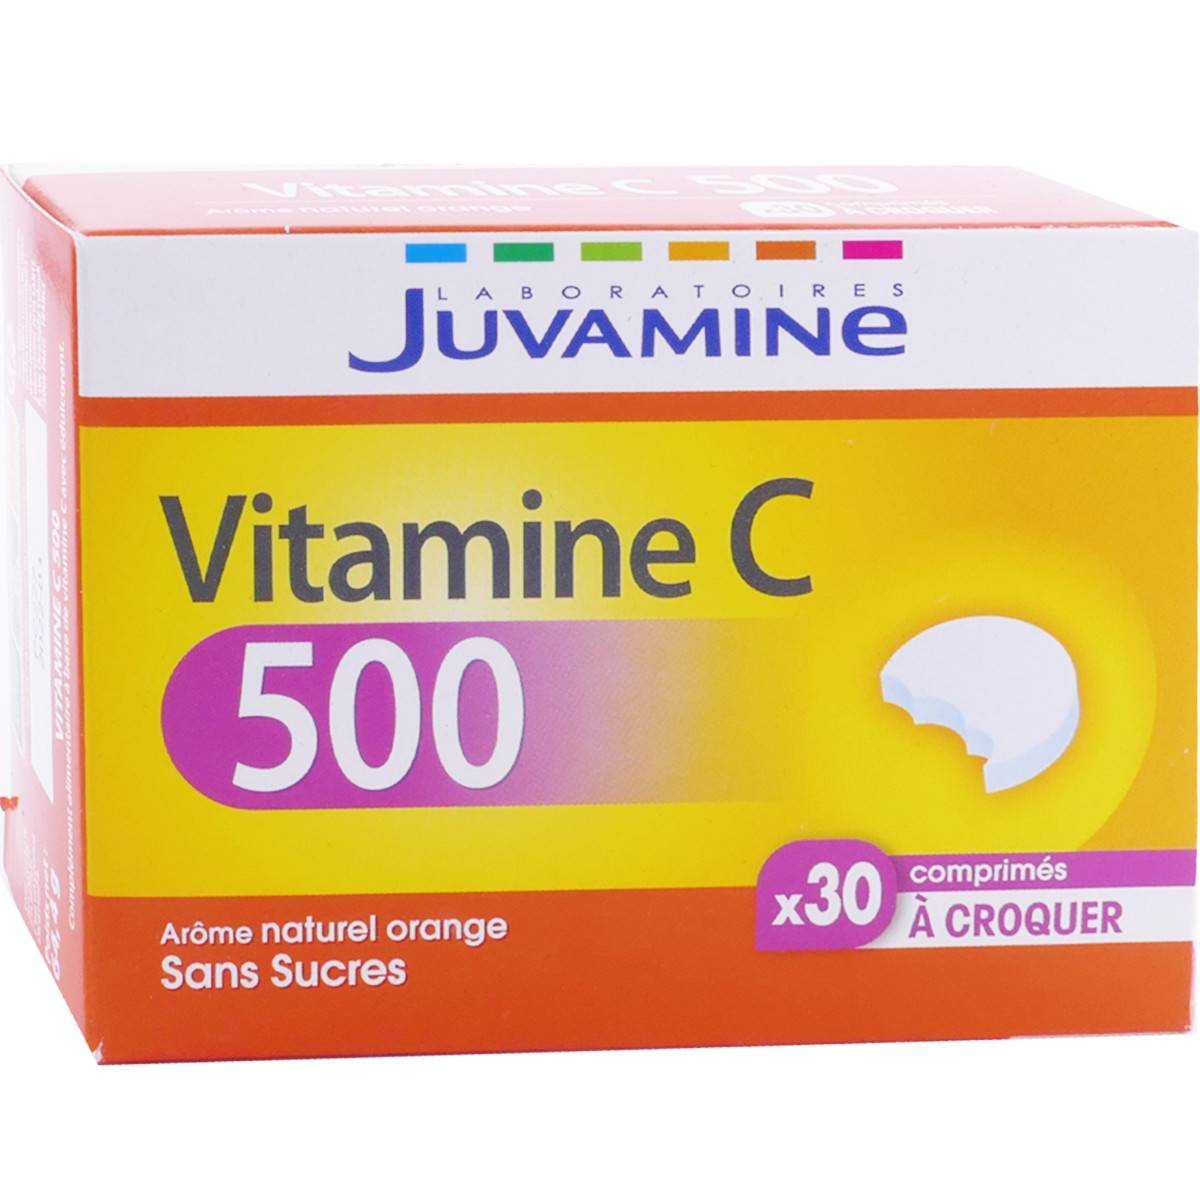 JUVASANTE Juvamine vitamine c 500 arome naturel orange 30 comprimes a croquer